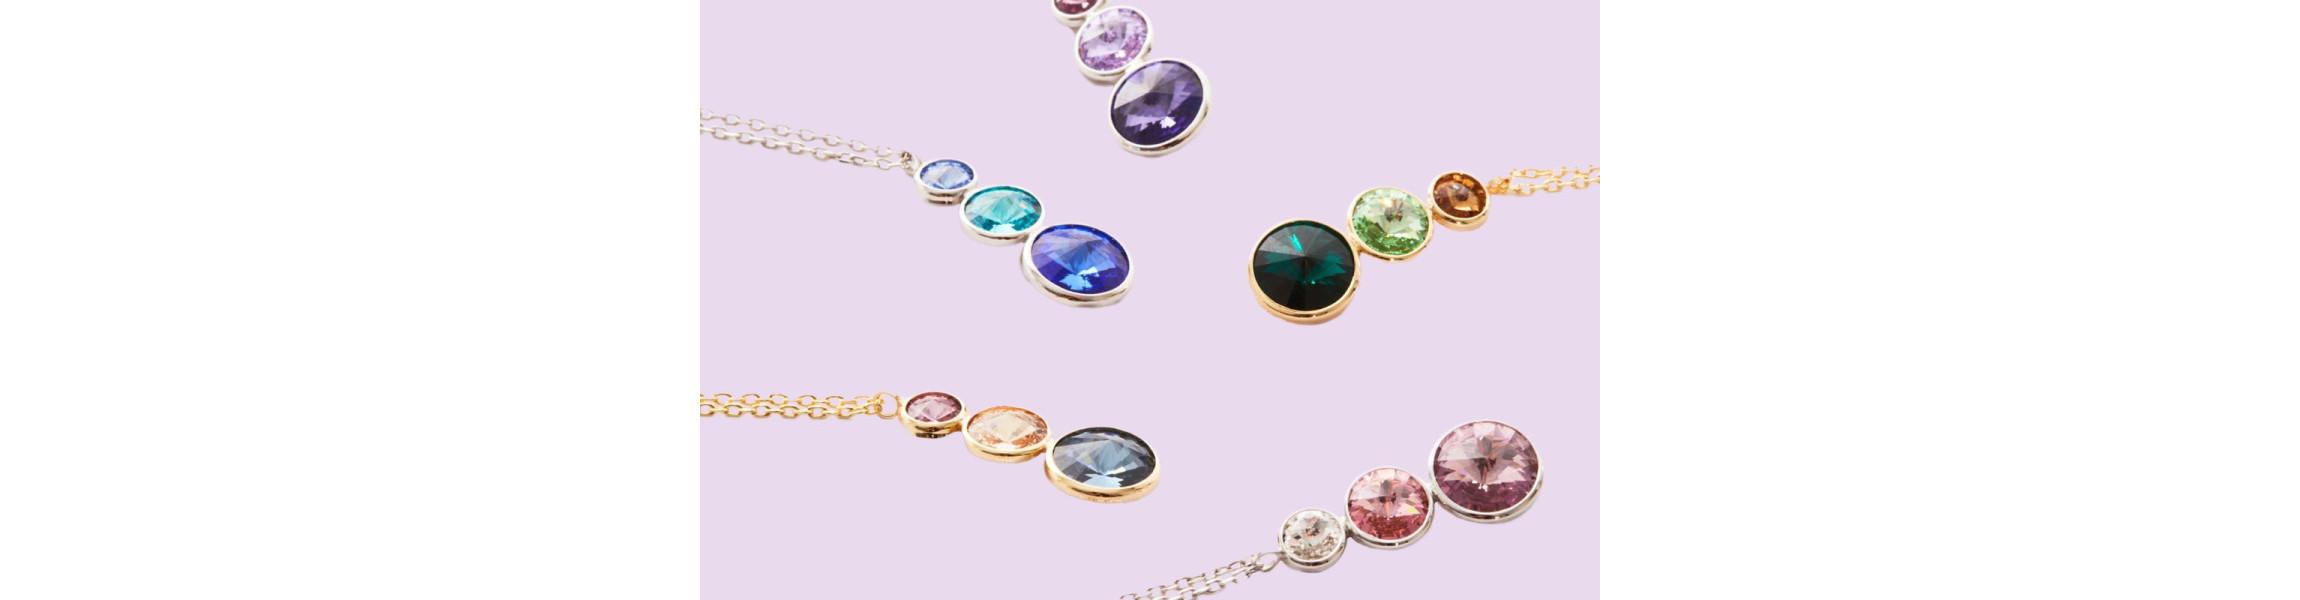 Collares Victoria Cruz | Plata de Ley 925 Cristales de Swarovski